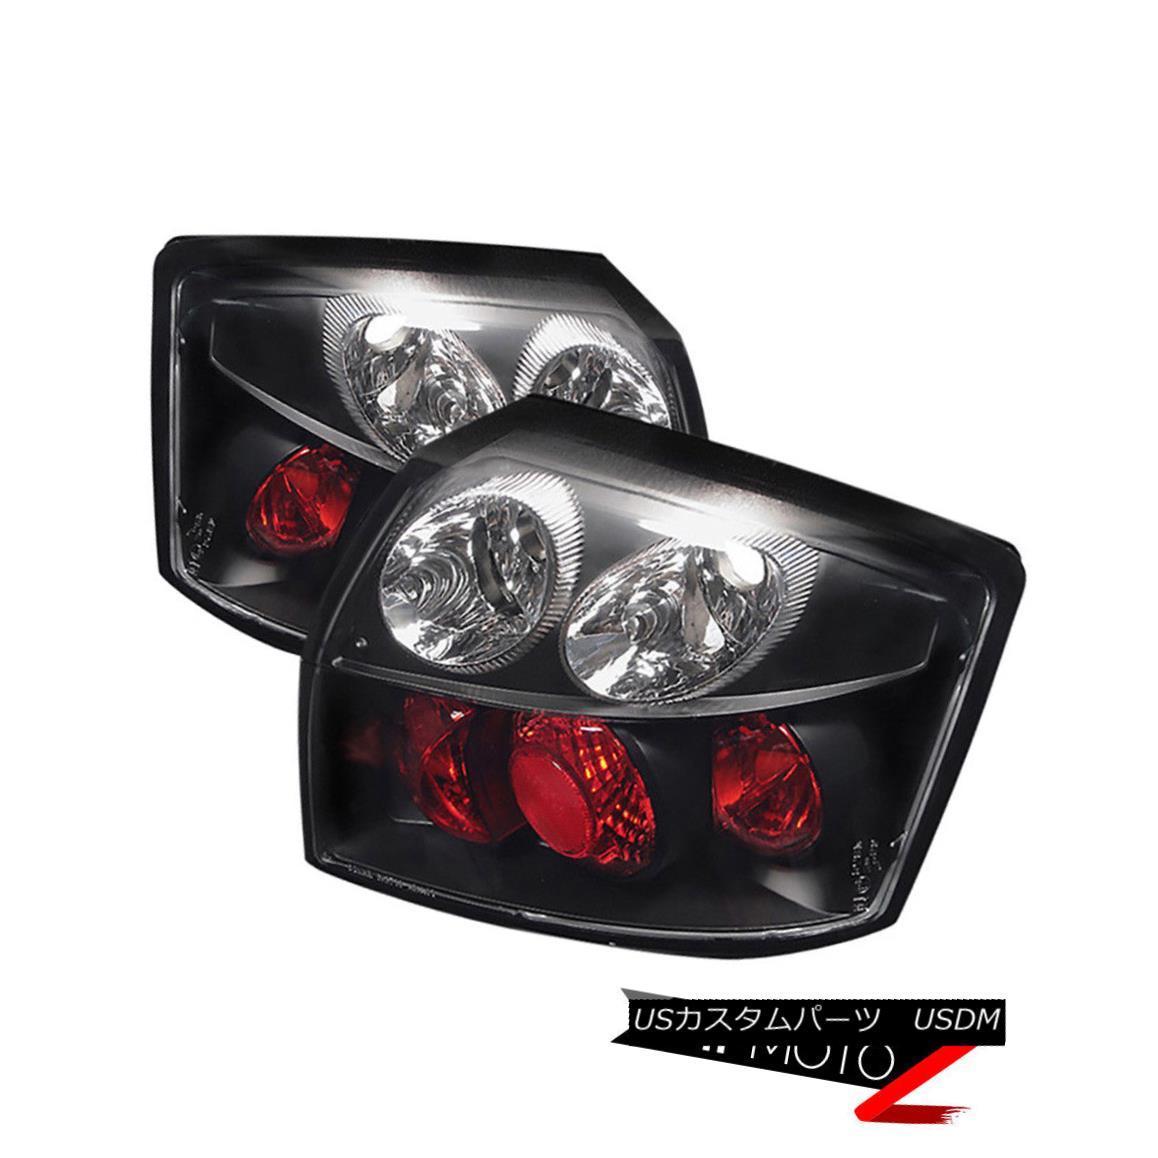 テールライト Audi 02-05 A4 S4 Quattro L+R Black Tail Lights Brake Turn Signal Lamp Assembly Audi 02-05 A4 S4 Quattro L + Rブラックテールライトブレーキターンシグナルランプアセンブリ